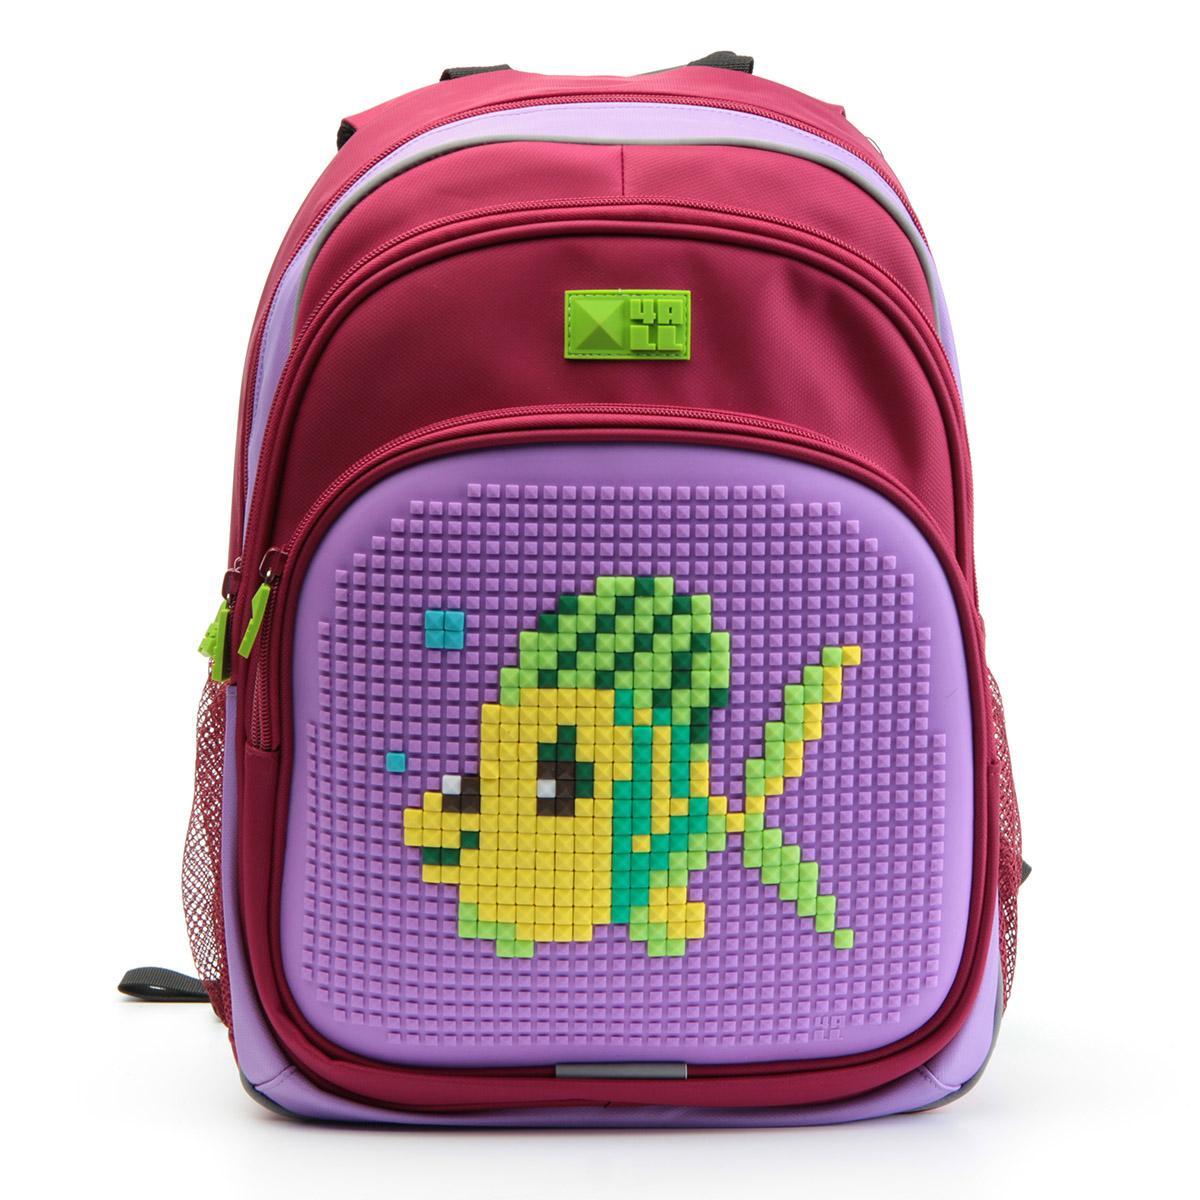 Рюкзак детский 4all KIDS Рыбка Тюна Малиновый / Сиреневый + Пиксели